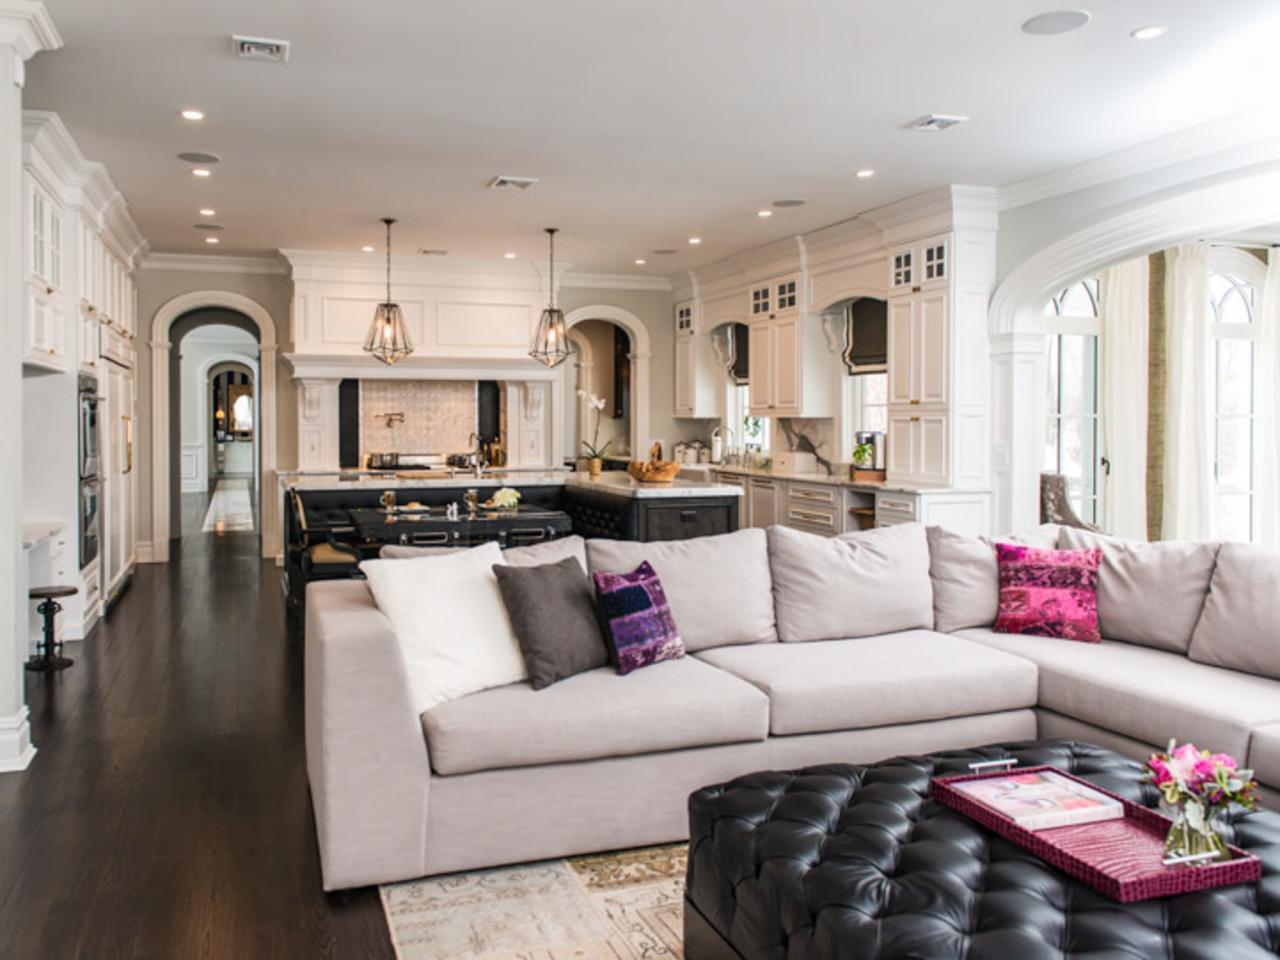 بالصور افكار جديدة للمنزل , احدث الافكار لتجديد البيت 3300 9